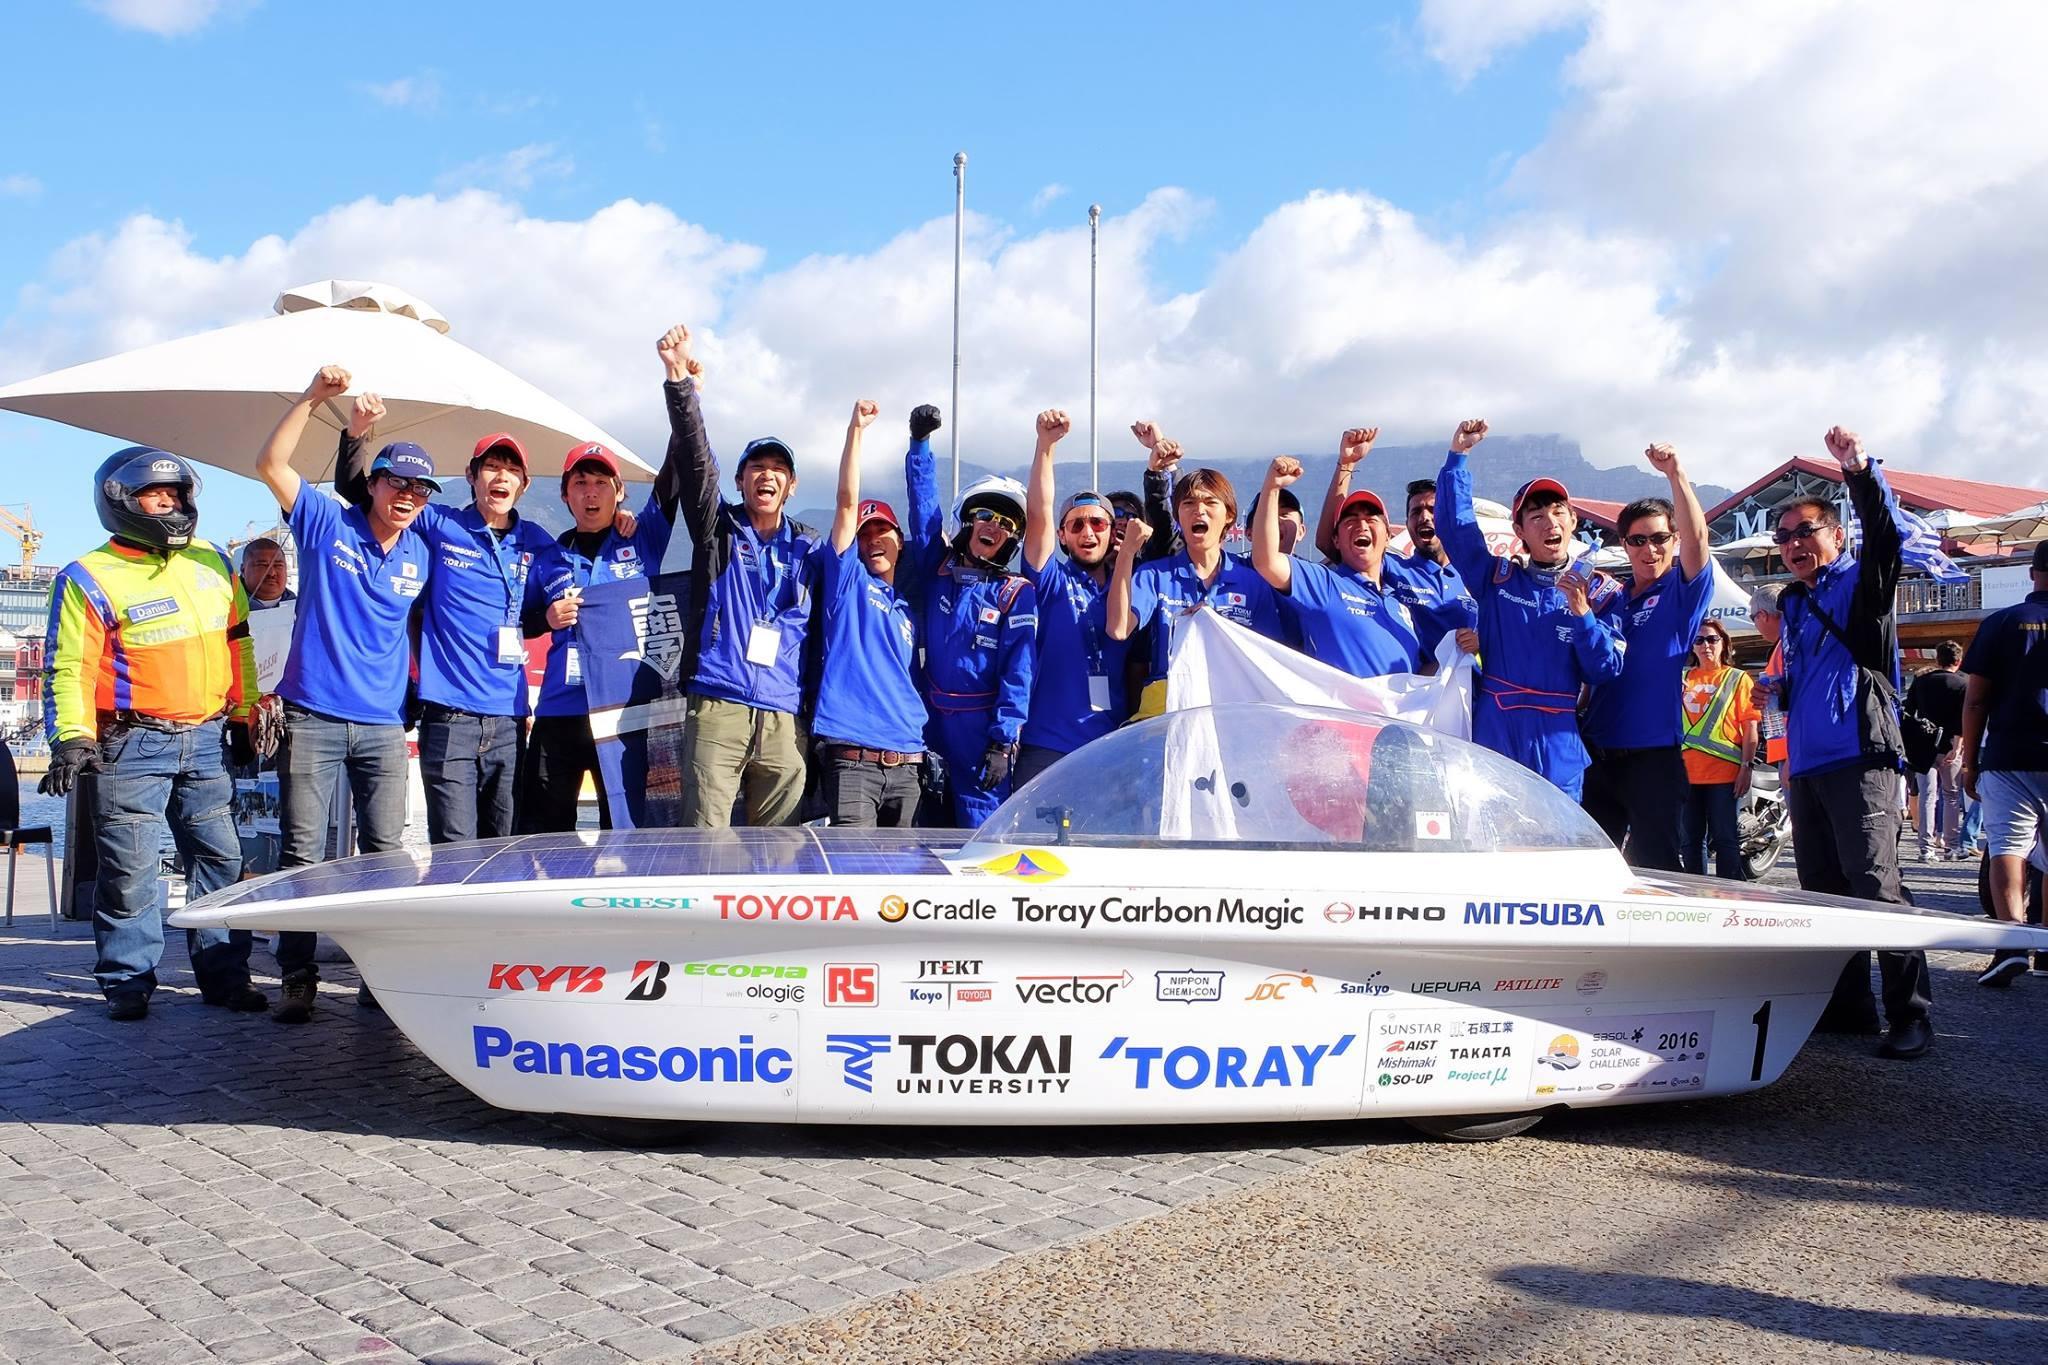 東海大学ソーラーカーチームが準優勝~南アフリカ共和国「サソール・ソーラー・チャレンジ 2016」